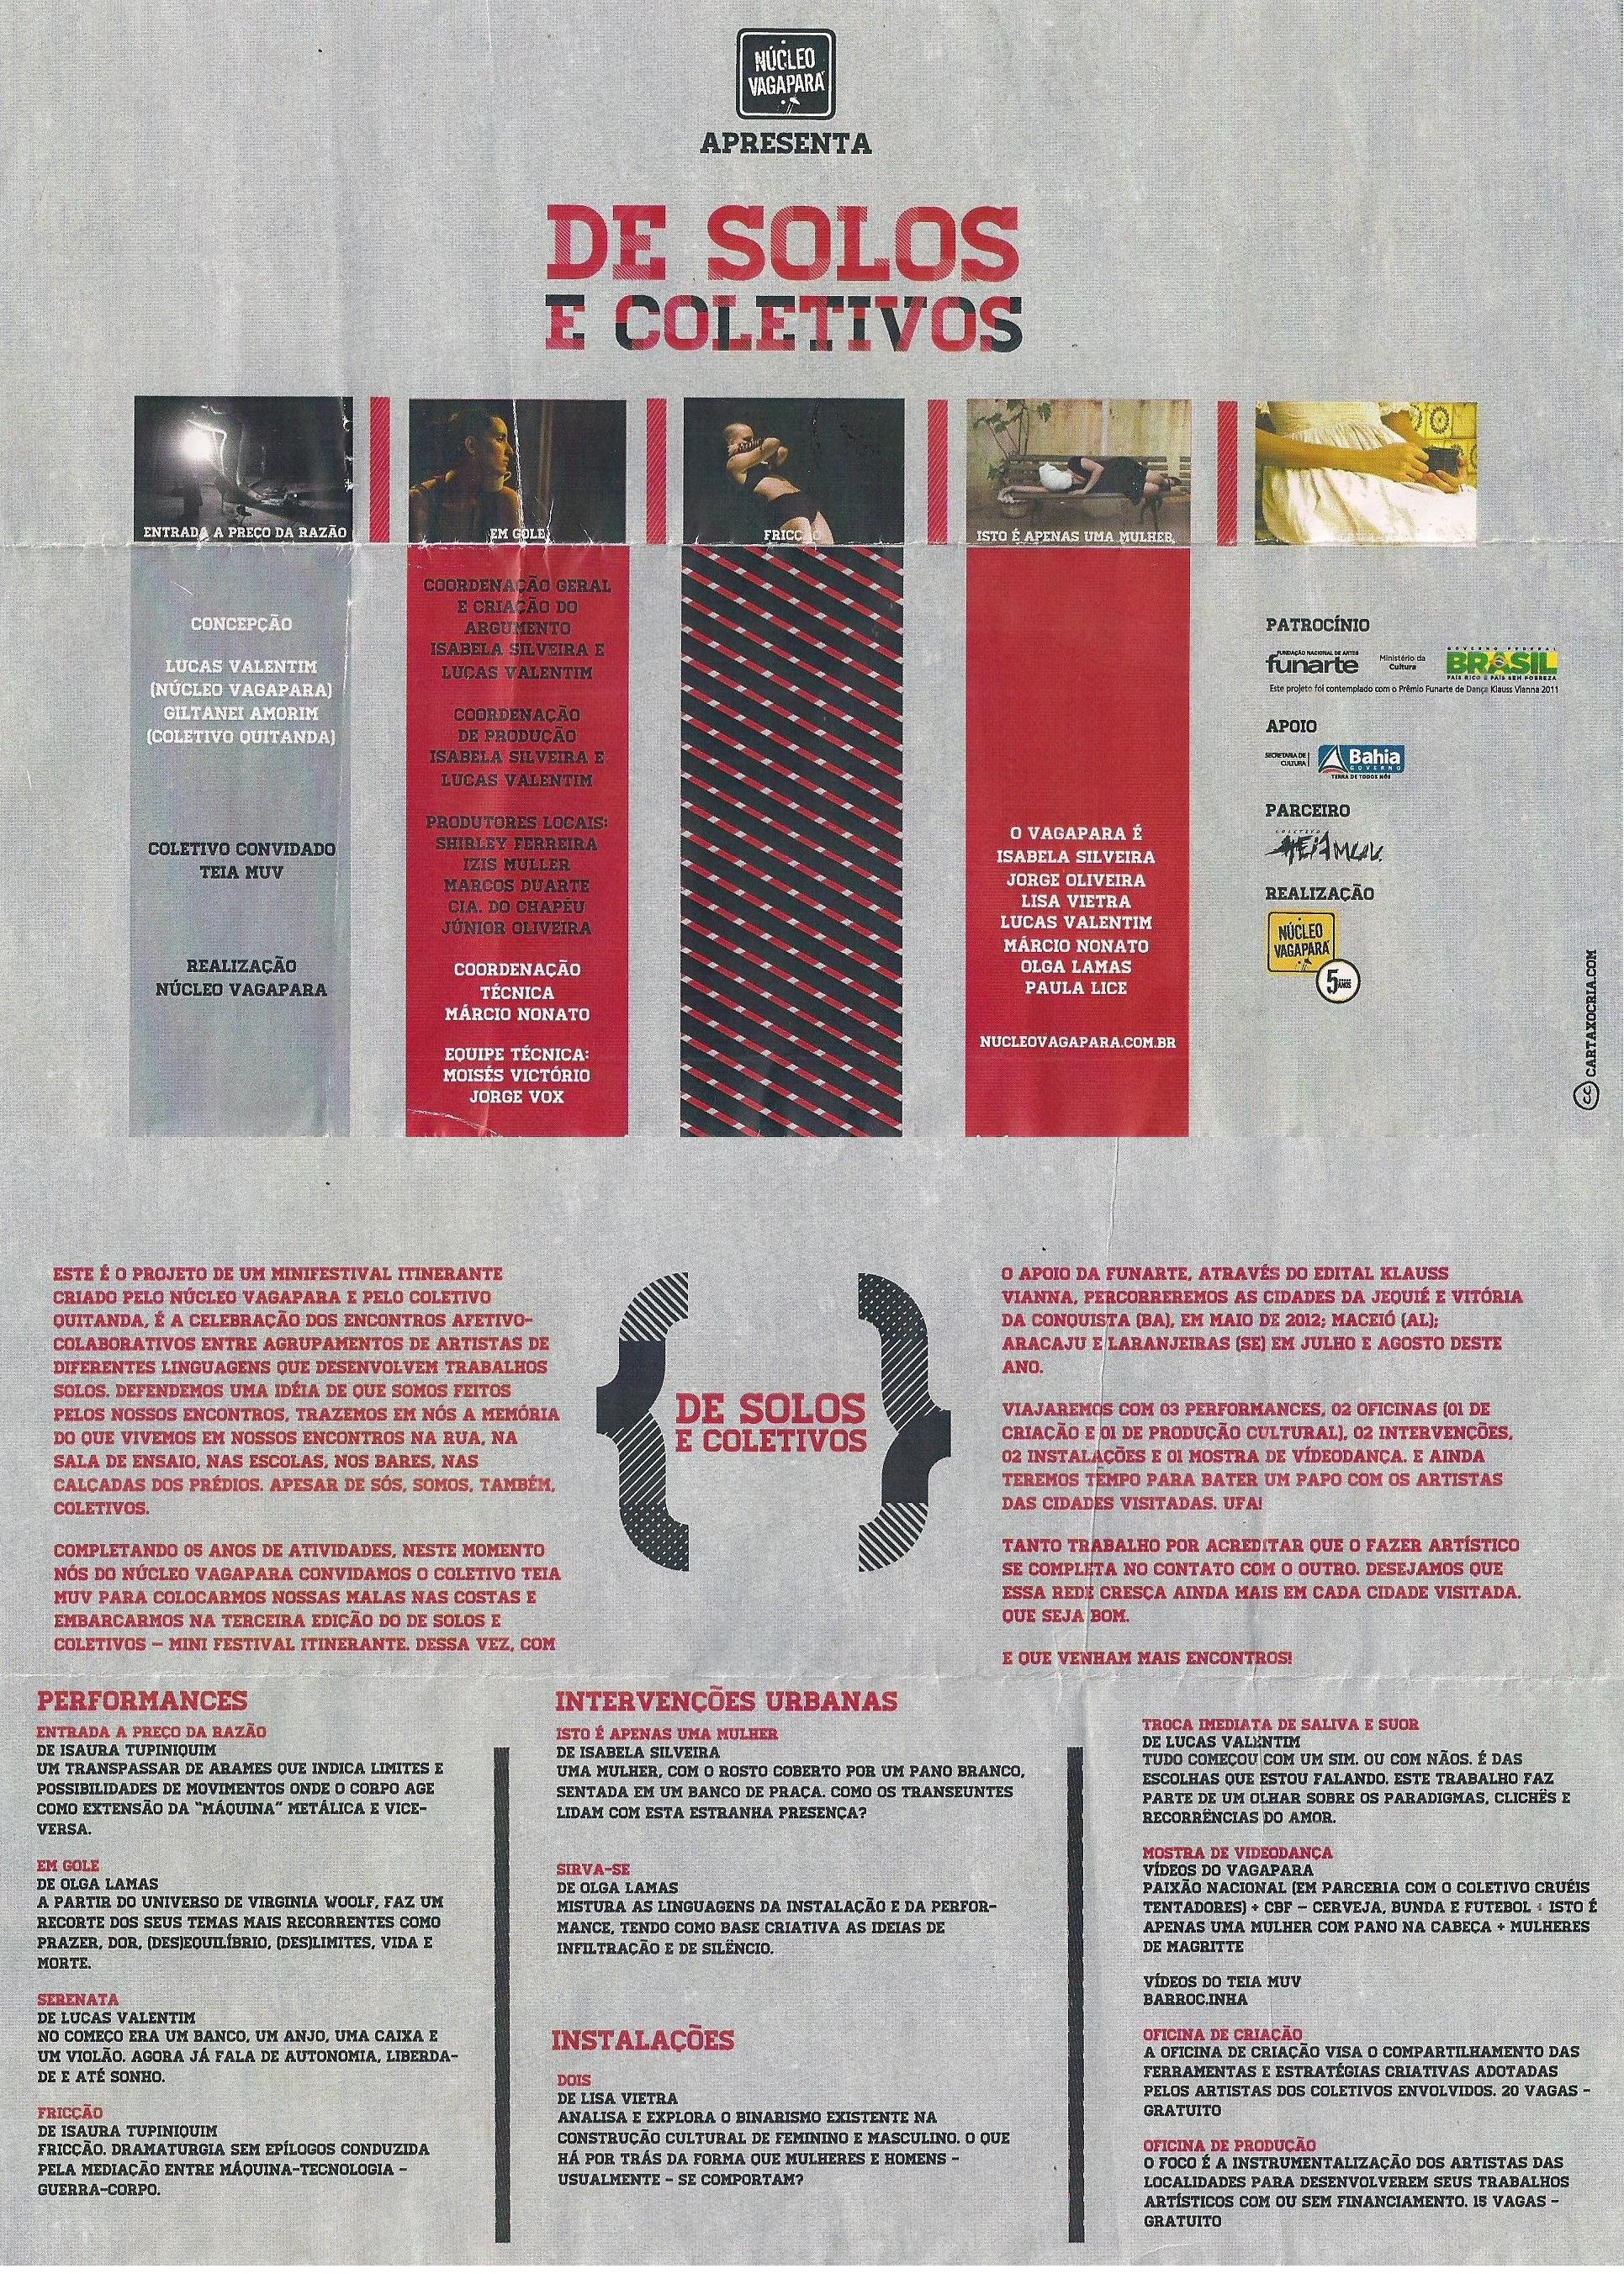 2012_Sirva-se e EM GOLE_Programa Festival De Solos e Coletivos Etapa 2